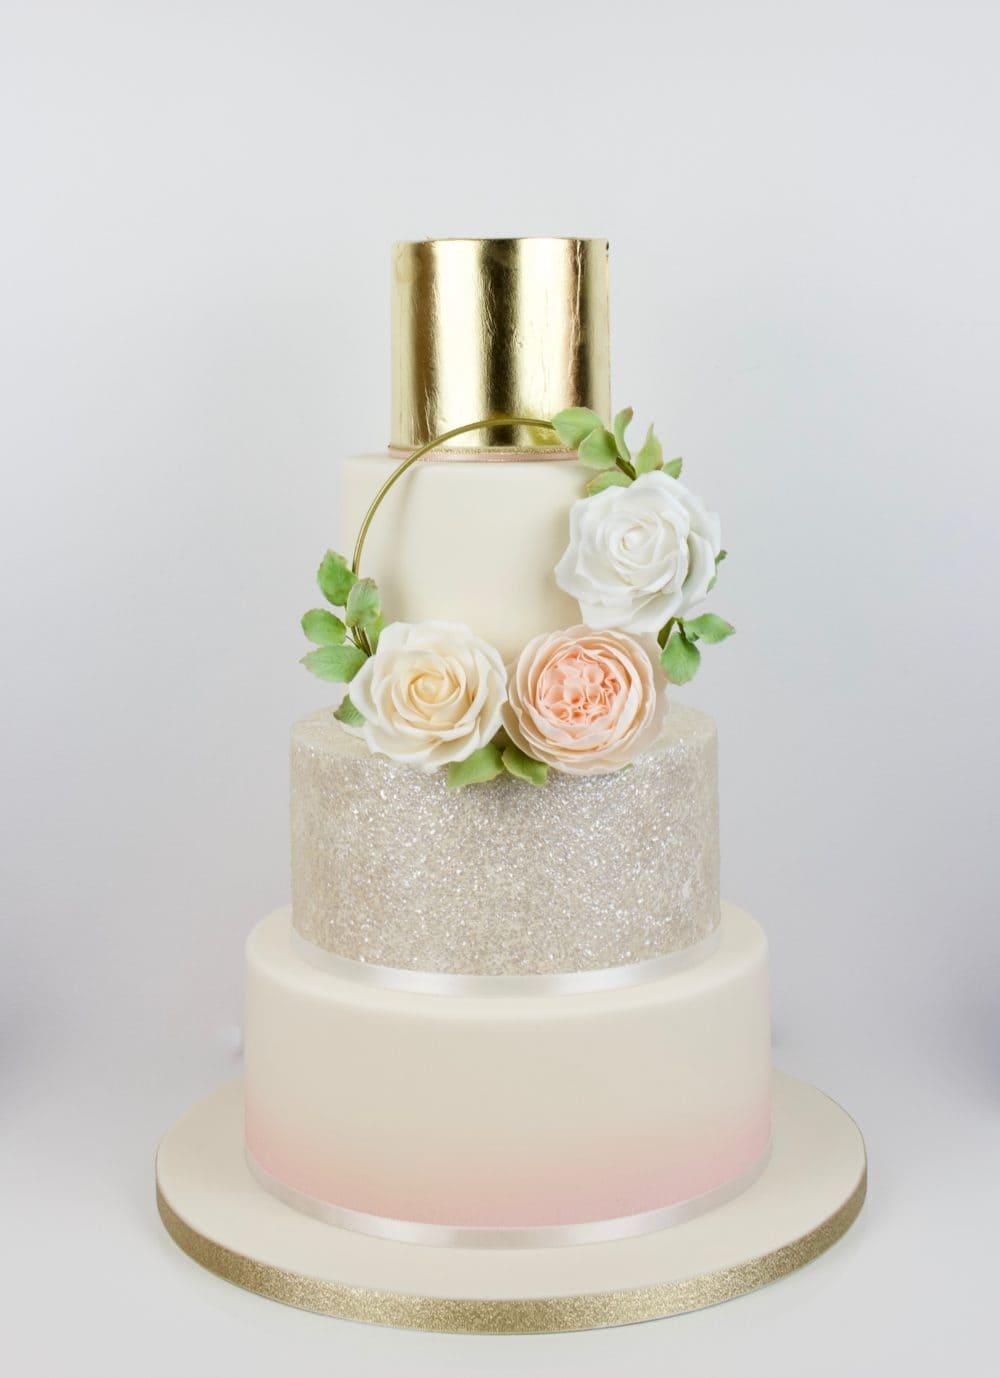 fayscakes-scottish-wedding-cakes